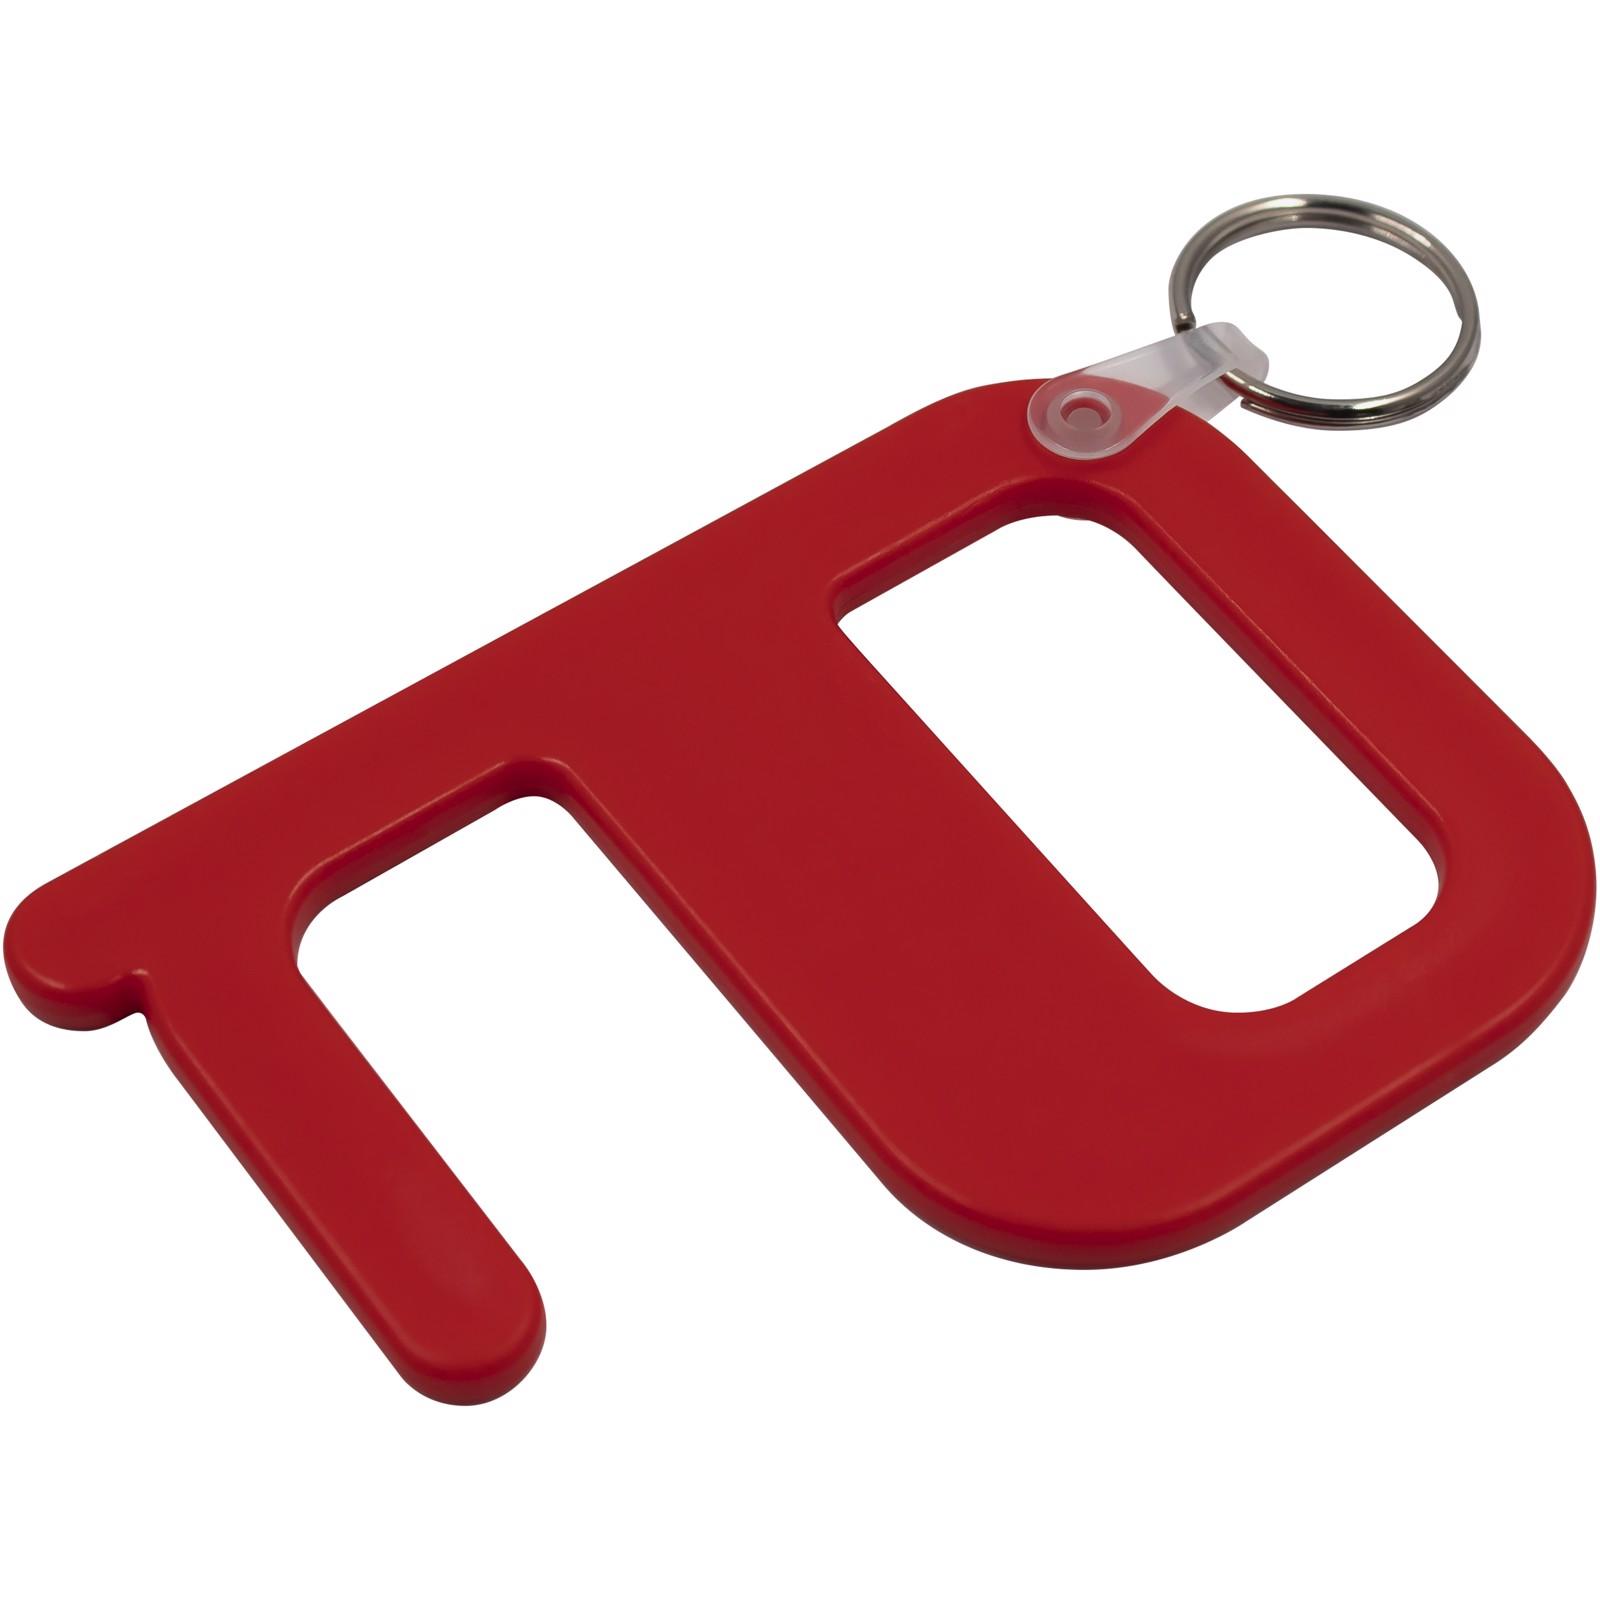 Hygiene key plus - Red